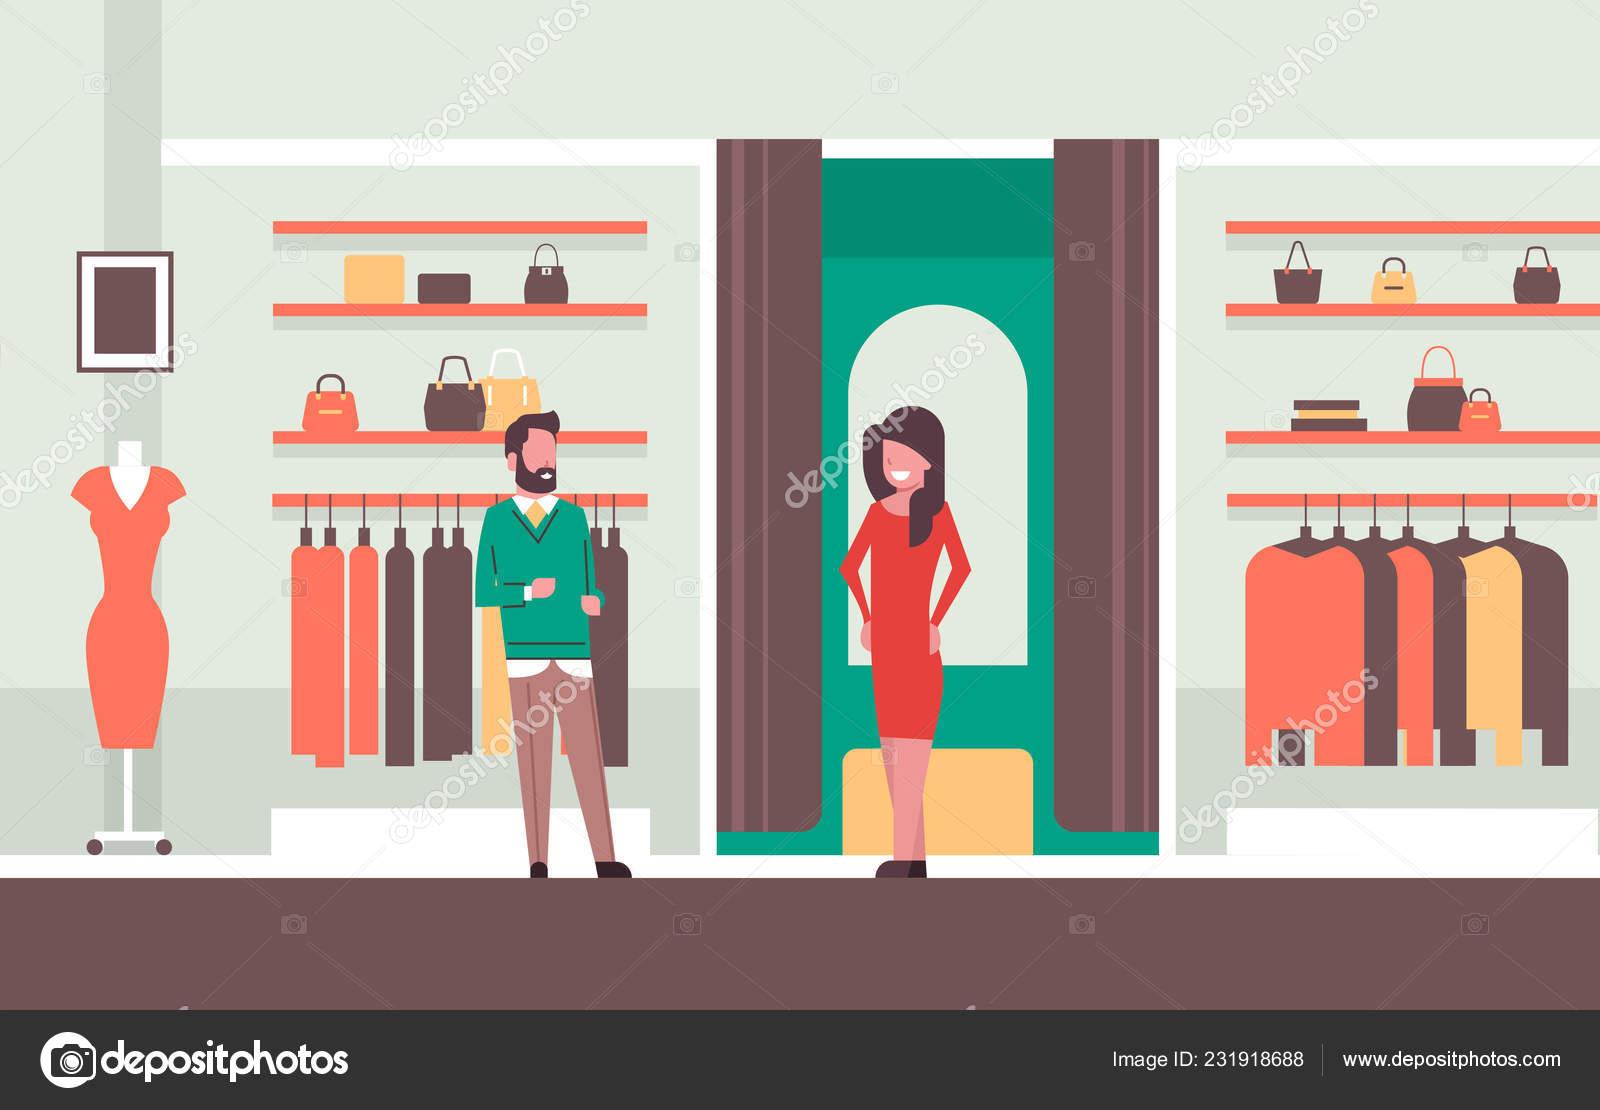 Consultor de vendedor homem perto mulher experimenta o novo vestido  elegante mulher olhando para o espelho da moda loja roupa feminina mercado  moderno ... 1eea2c32edf